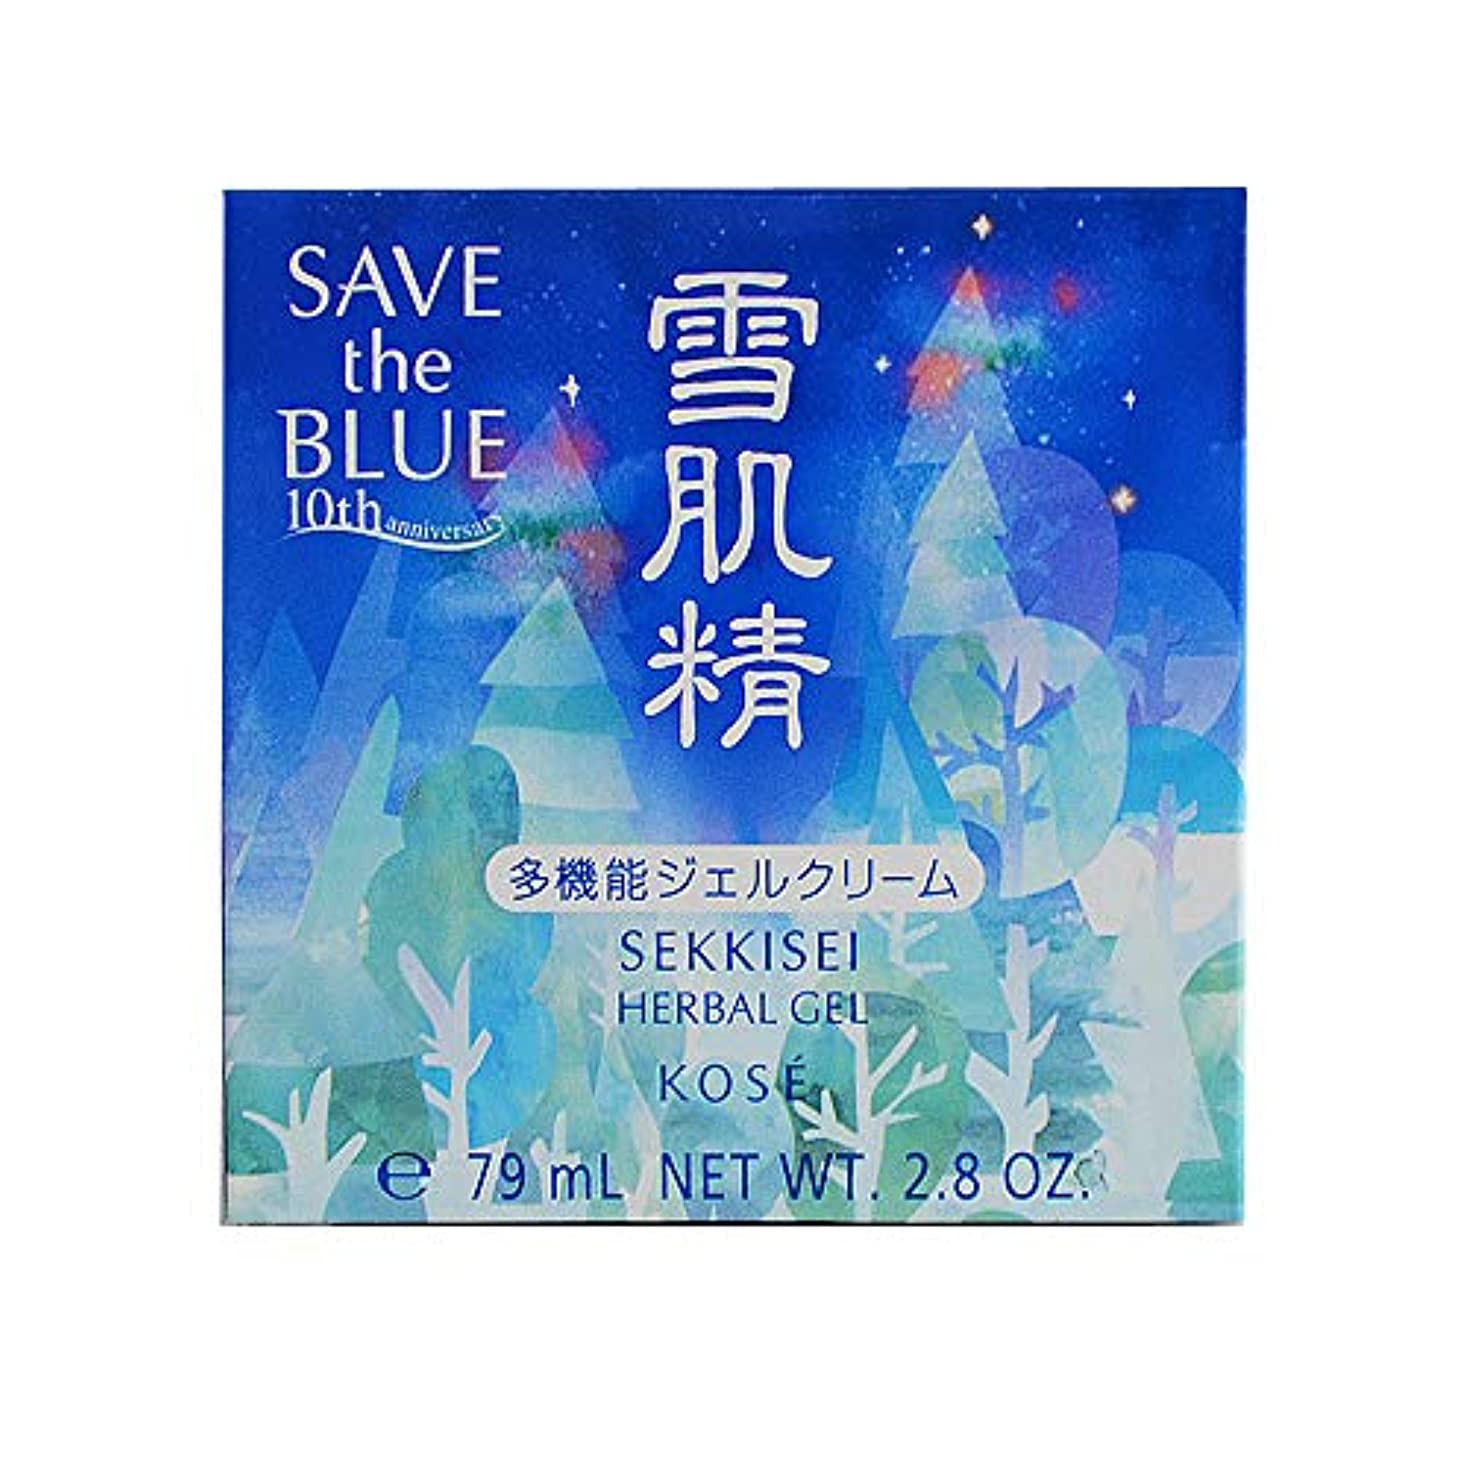 主張する貸すゴミ箱コーセー 雪肌精 ハーバルジェル 80g (SAVE the BLUE) [ フェイスクリーム ] [並行輸入品]